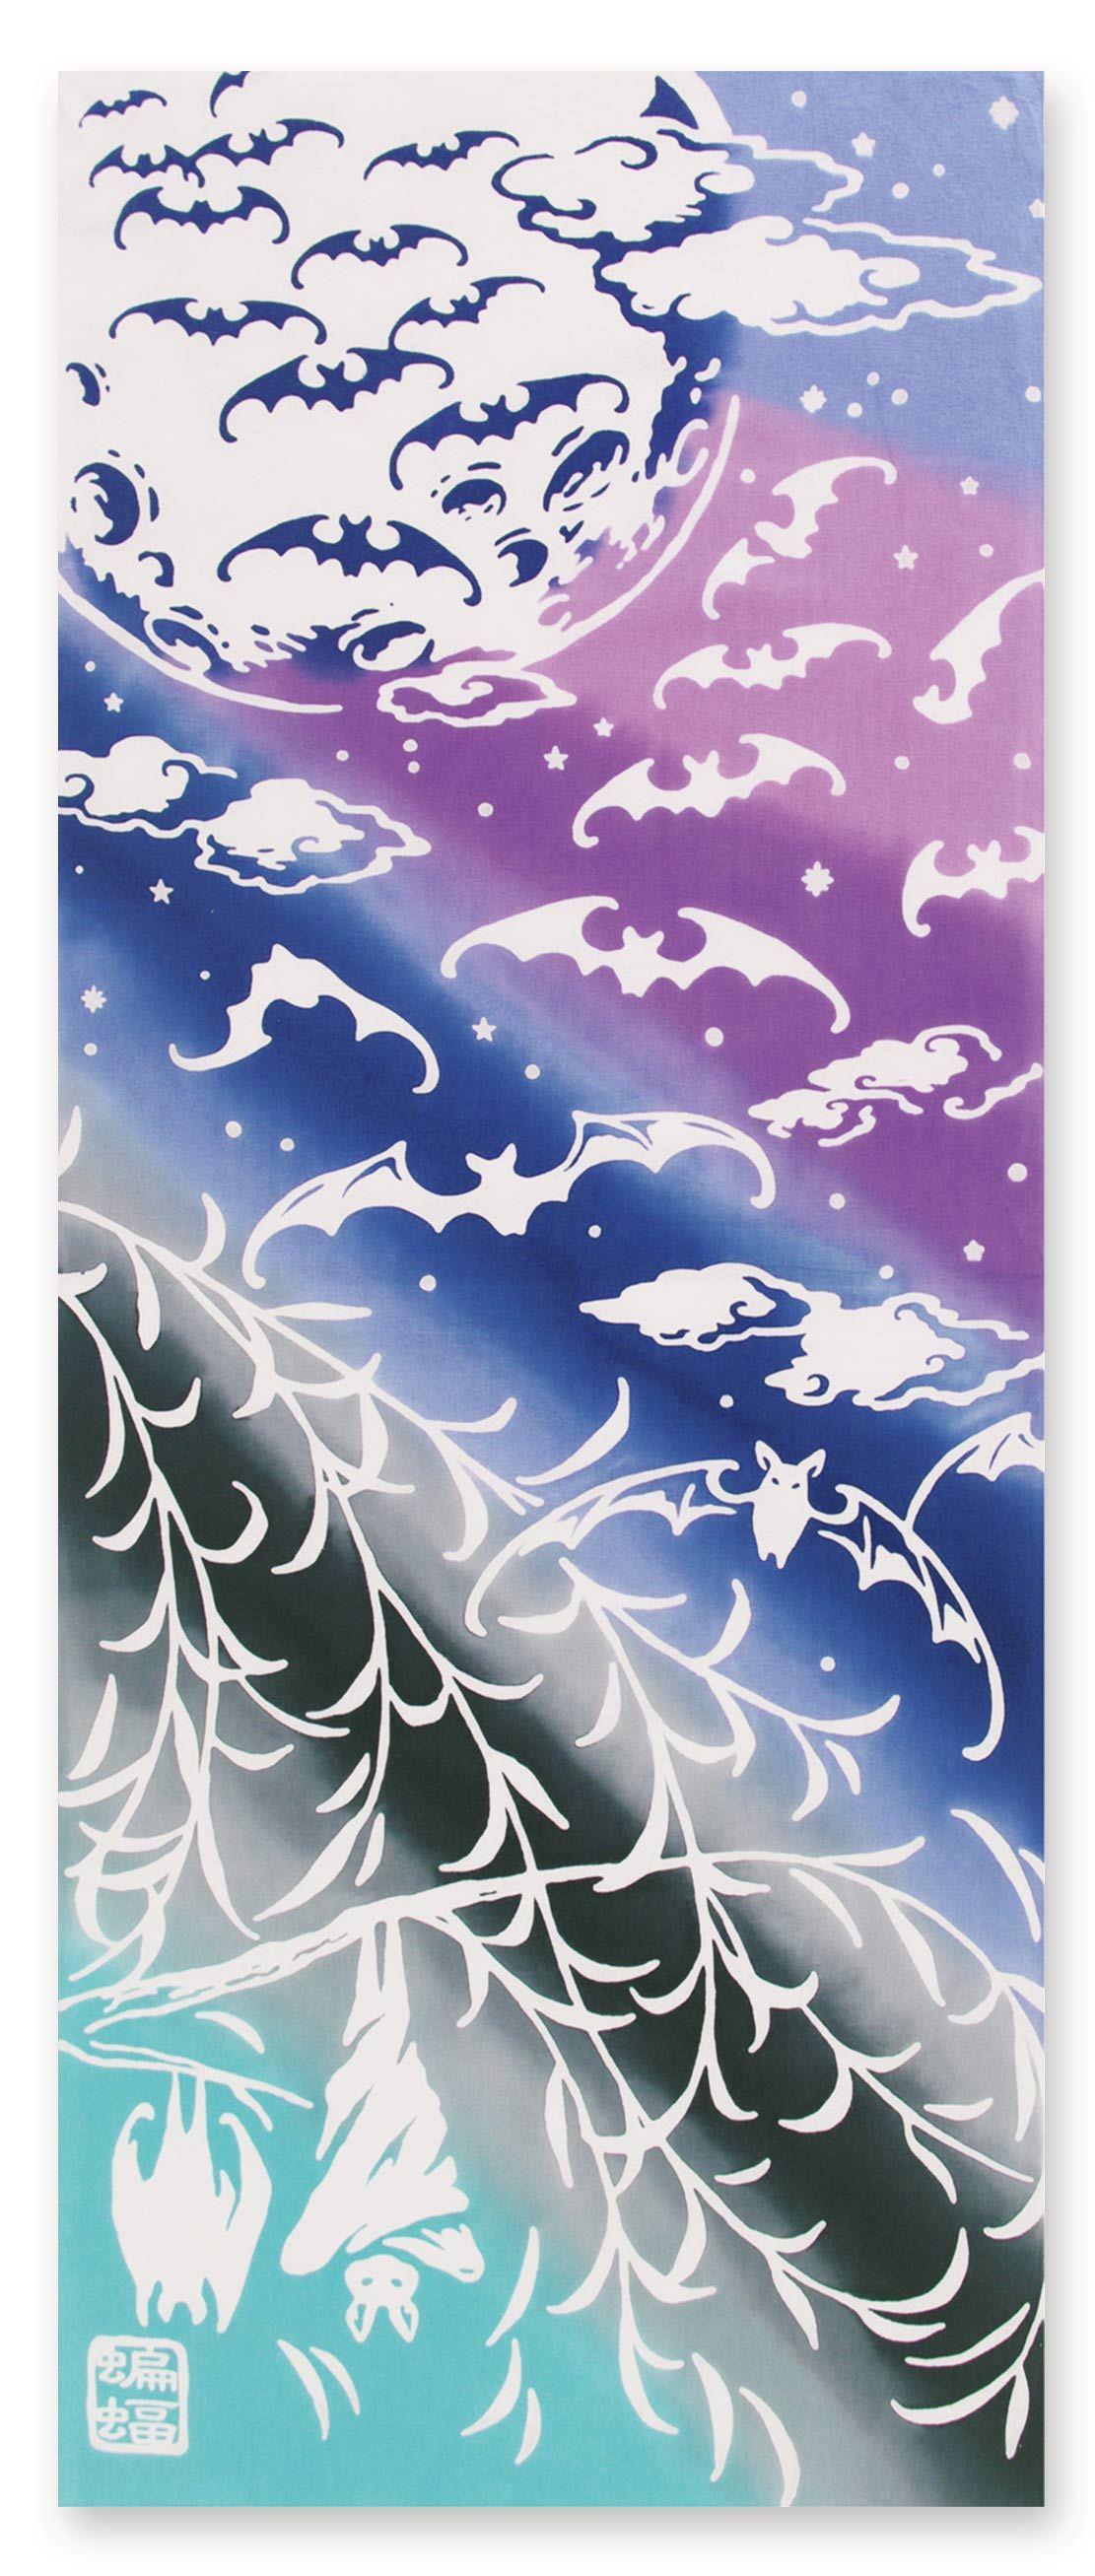 月下蝙蝠 手ぬぐい ジカンスタイル オンラインショップ 蝙蝠 切り絵 図案 手ぬぐい